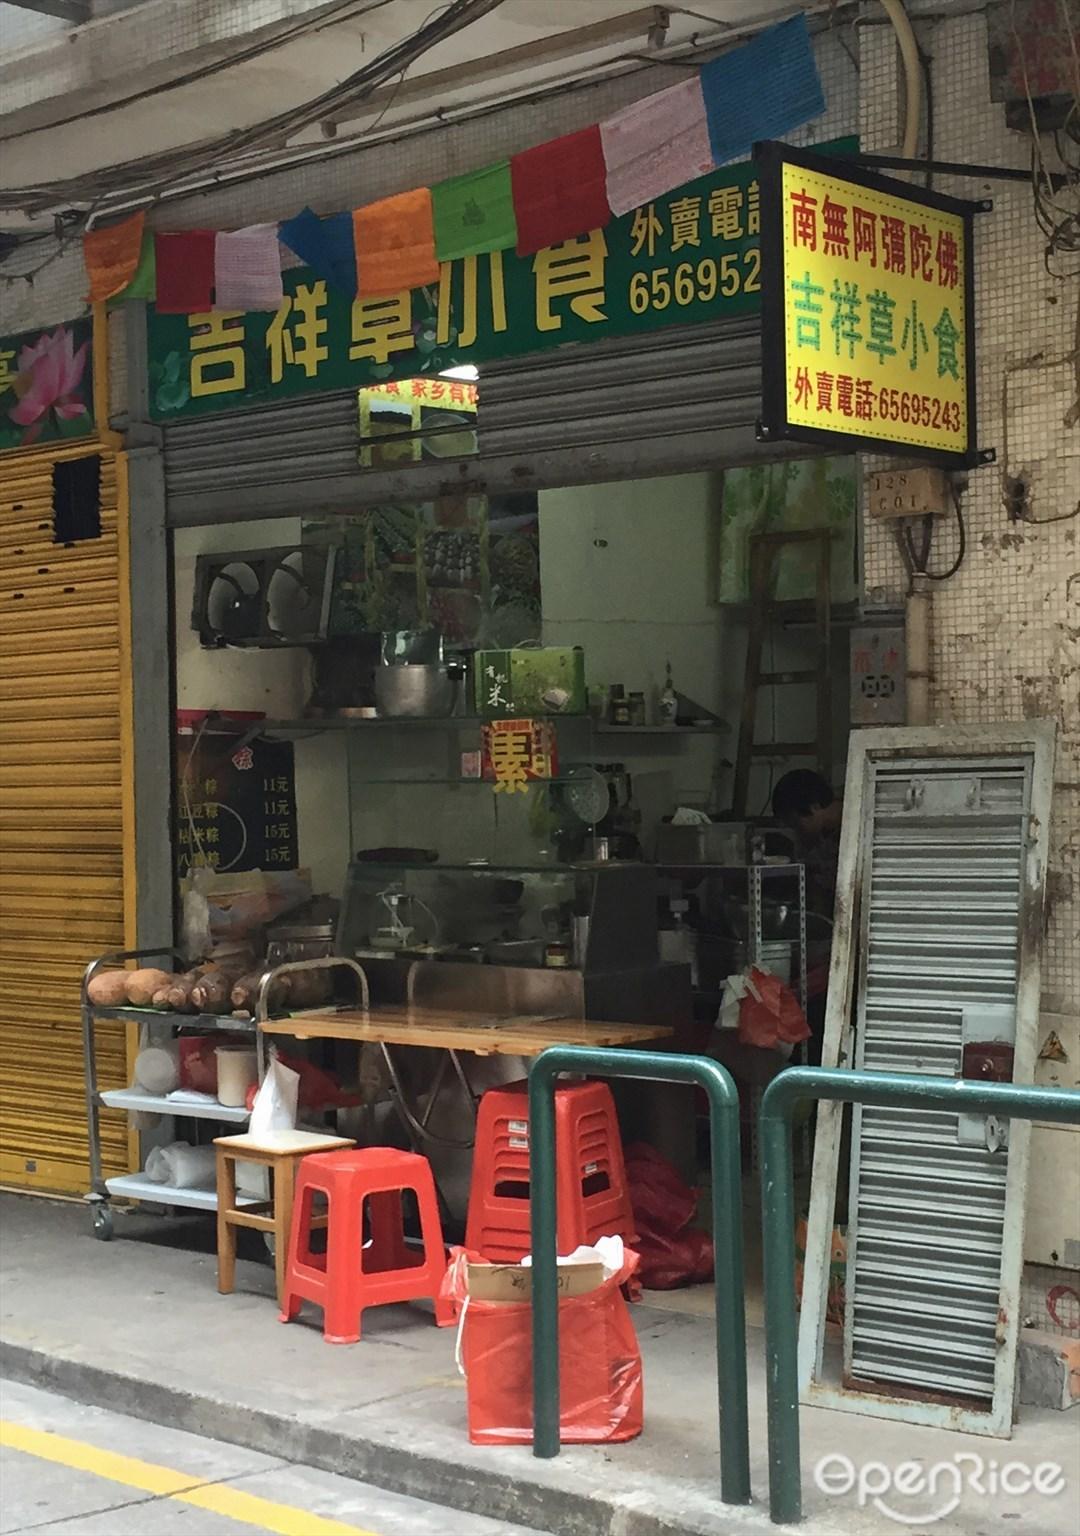 吉祥草素食 – 澳門新馬路玫瑰堂的港式素食小食店   OpenRice 香港開飯喇